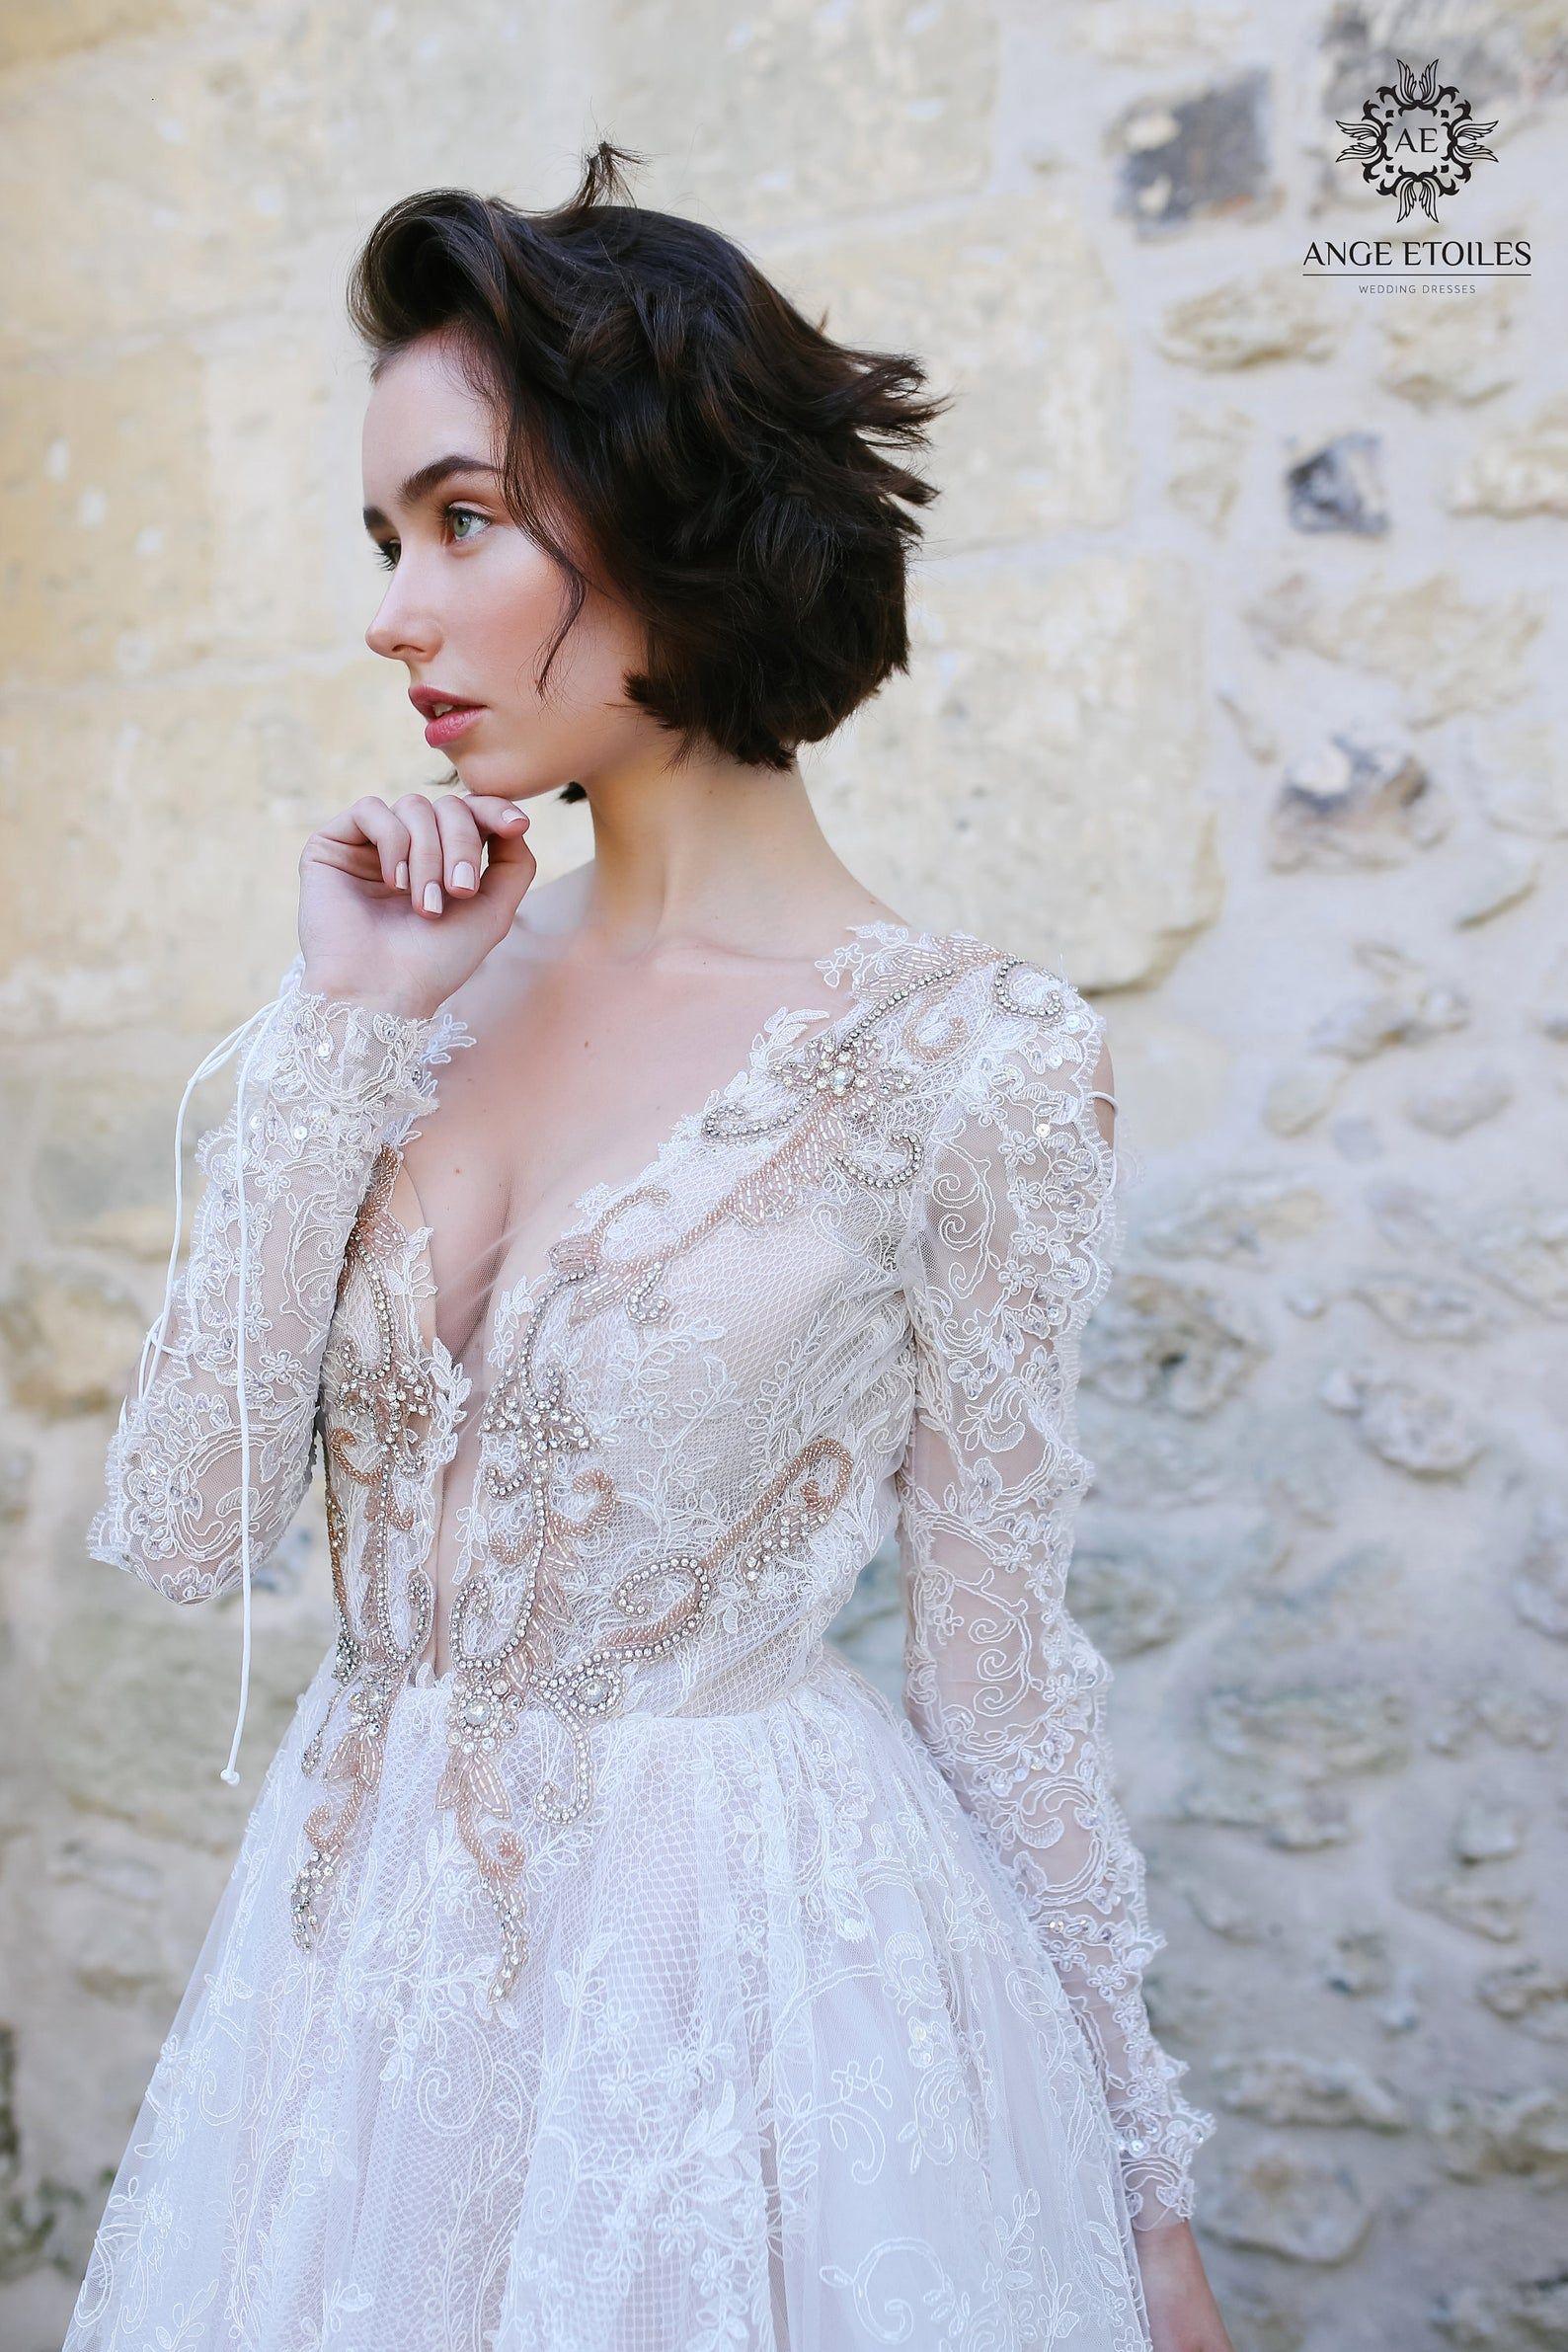 Robe de mariée royale OLIVIA avec longue traîne par ANGE ETOILES • Robe de mariée princesse • Robe de mariée de luxe • Robe de mariée dos nu   – Wedding dress